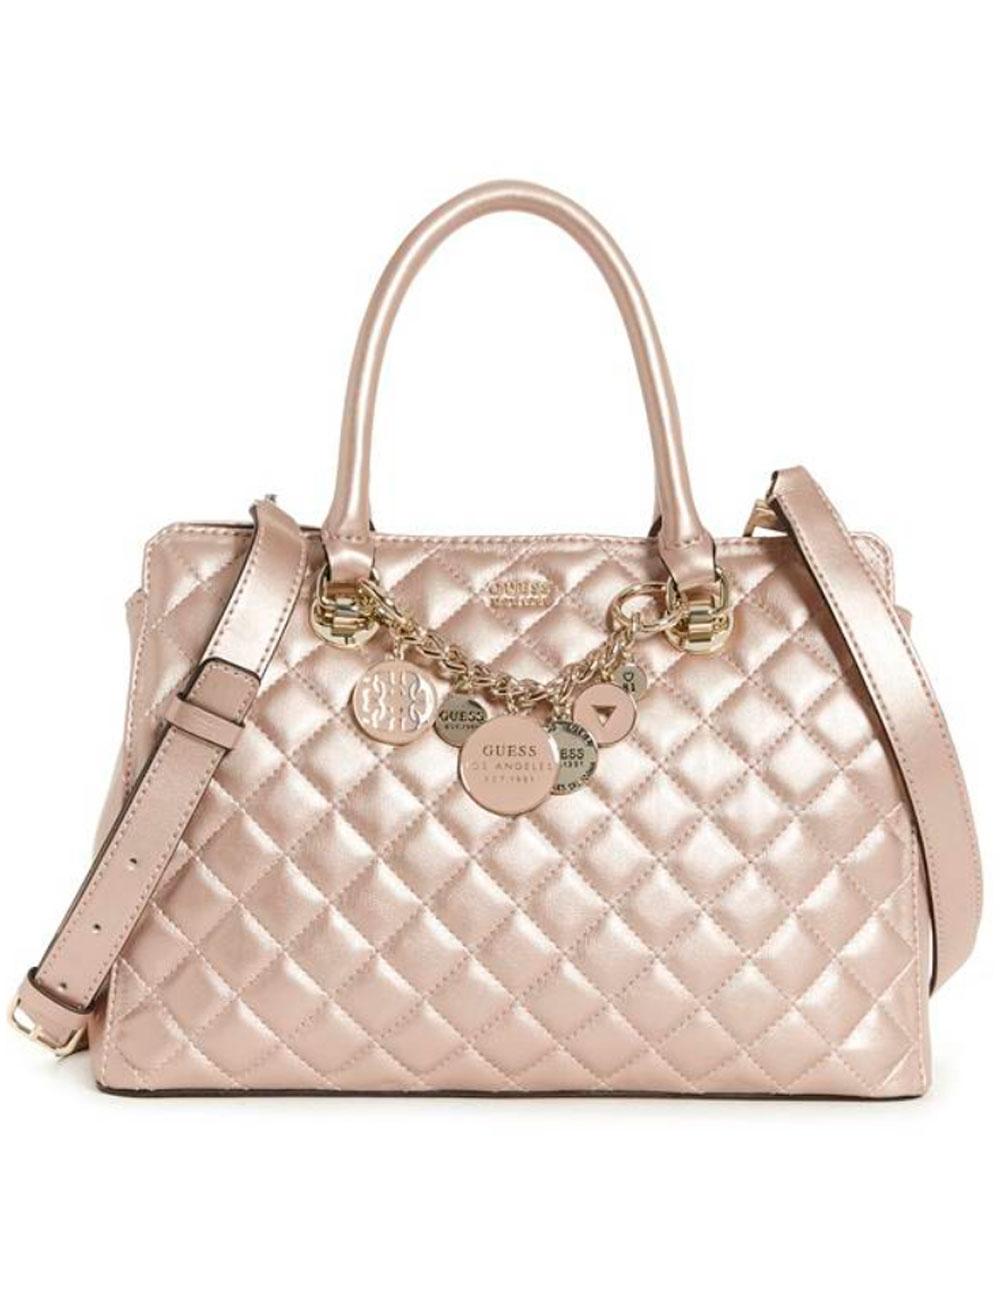 fee3e89cbb178 Handtasche Guess «Victoria»